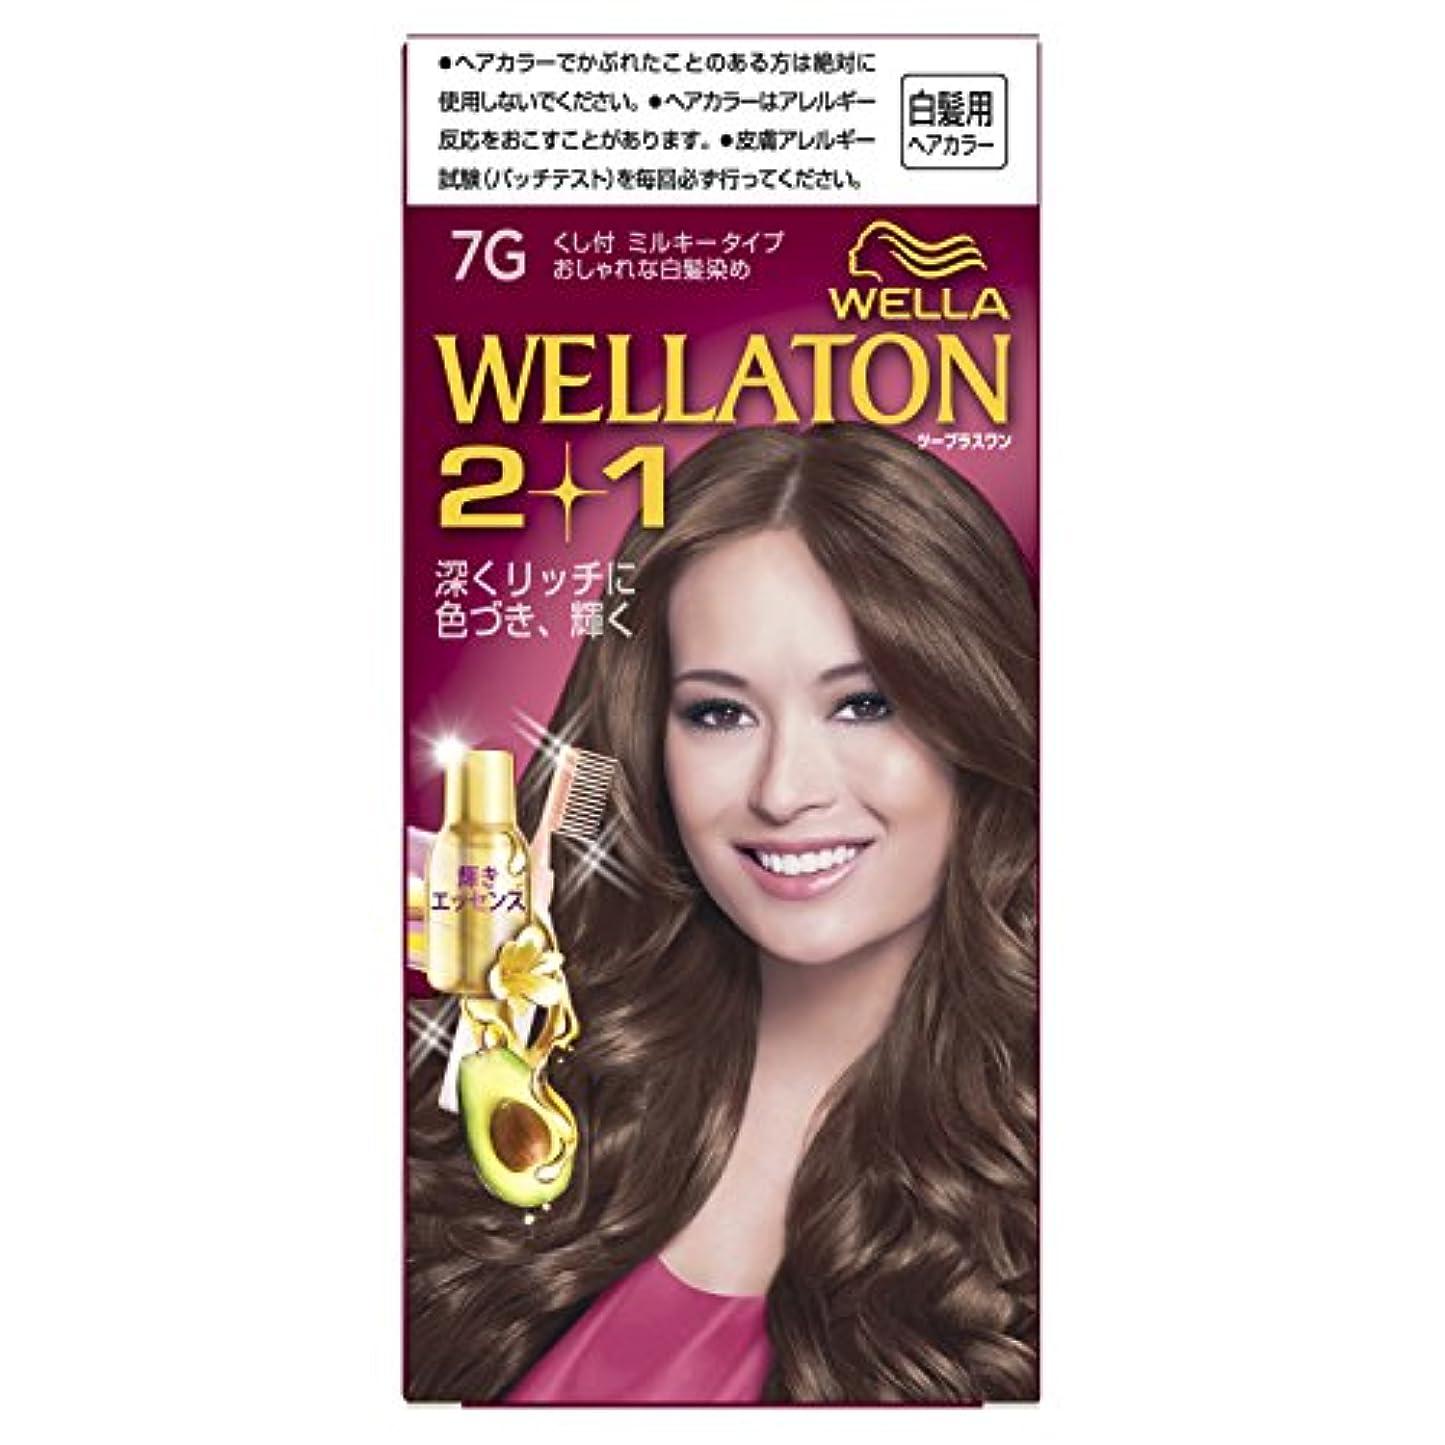 オーラル可決平和なウエラトーン2+1 くし付ミルキータイプ 7G [医薬部外品](おしゃれな白髪染め)